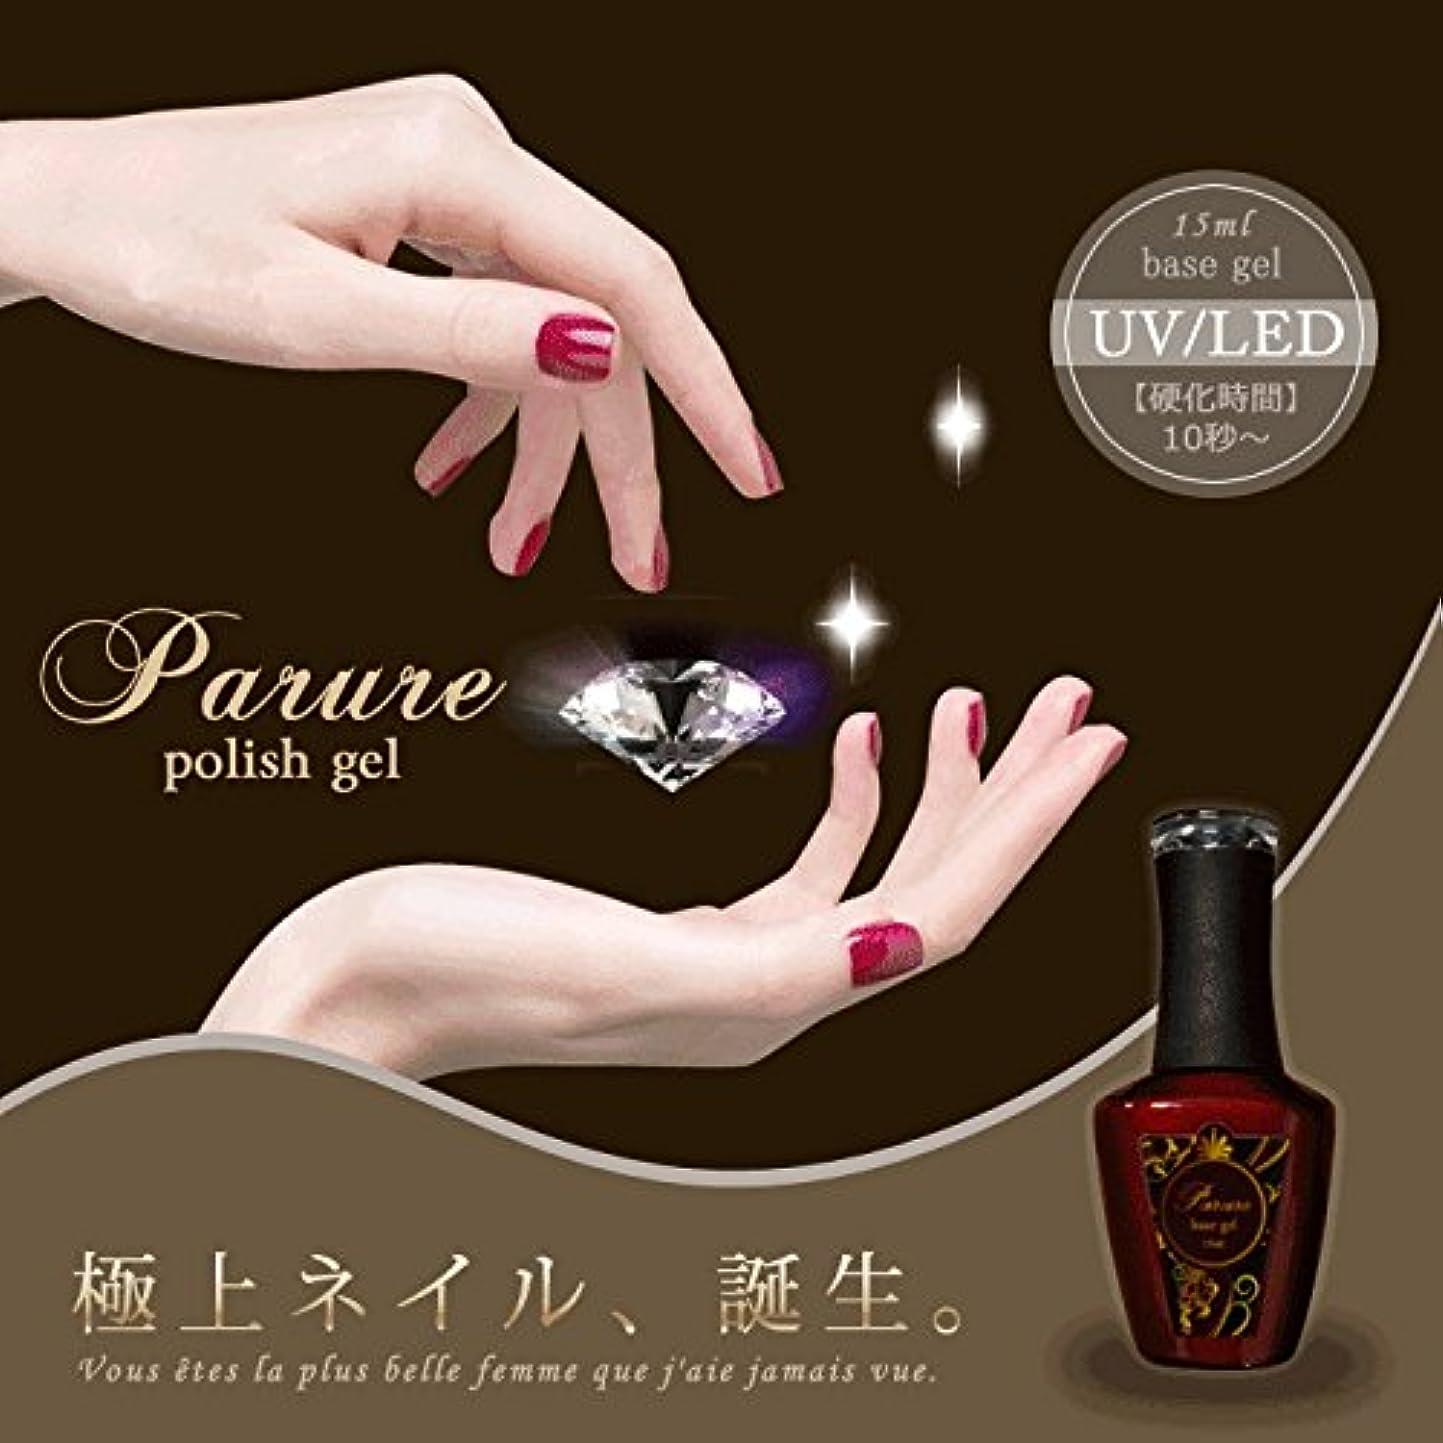 雑多な一節パークジェルネイル《サンディング不要で爪に優しい?》Parure パリュール ポリッシュベースジェル(15mL)